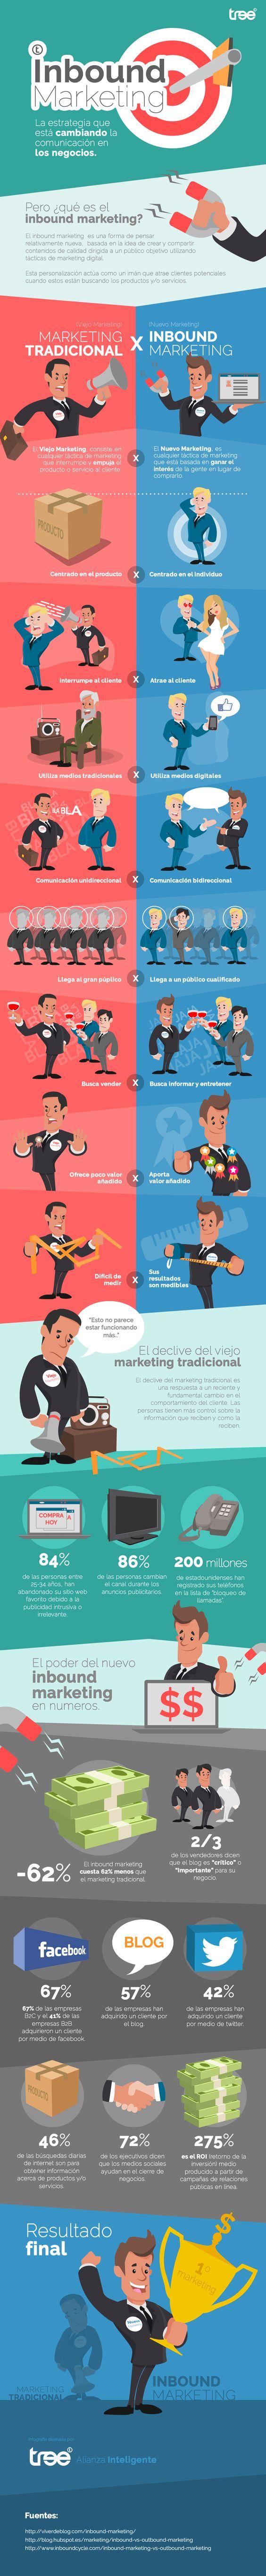 #InboundMarketing : la estrategia que está cambiando la comunicación en los negocios